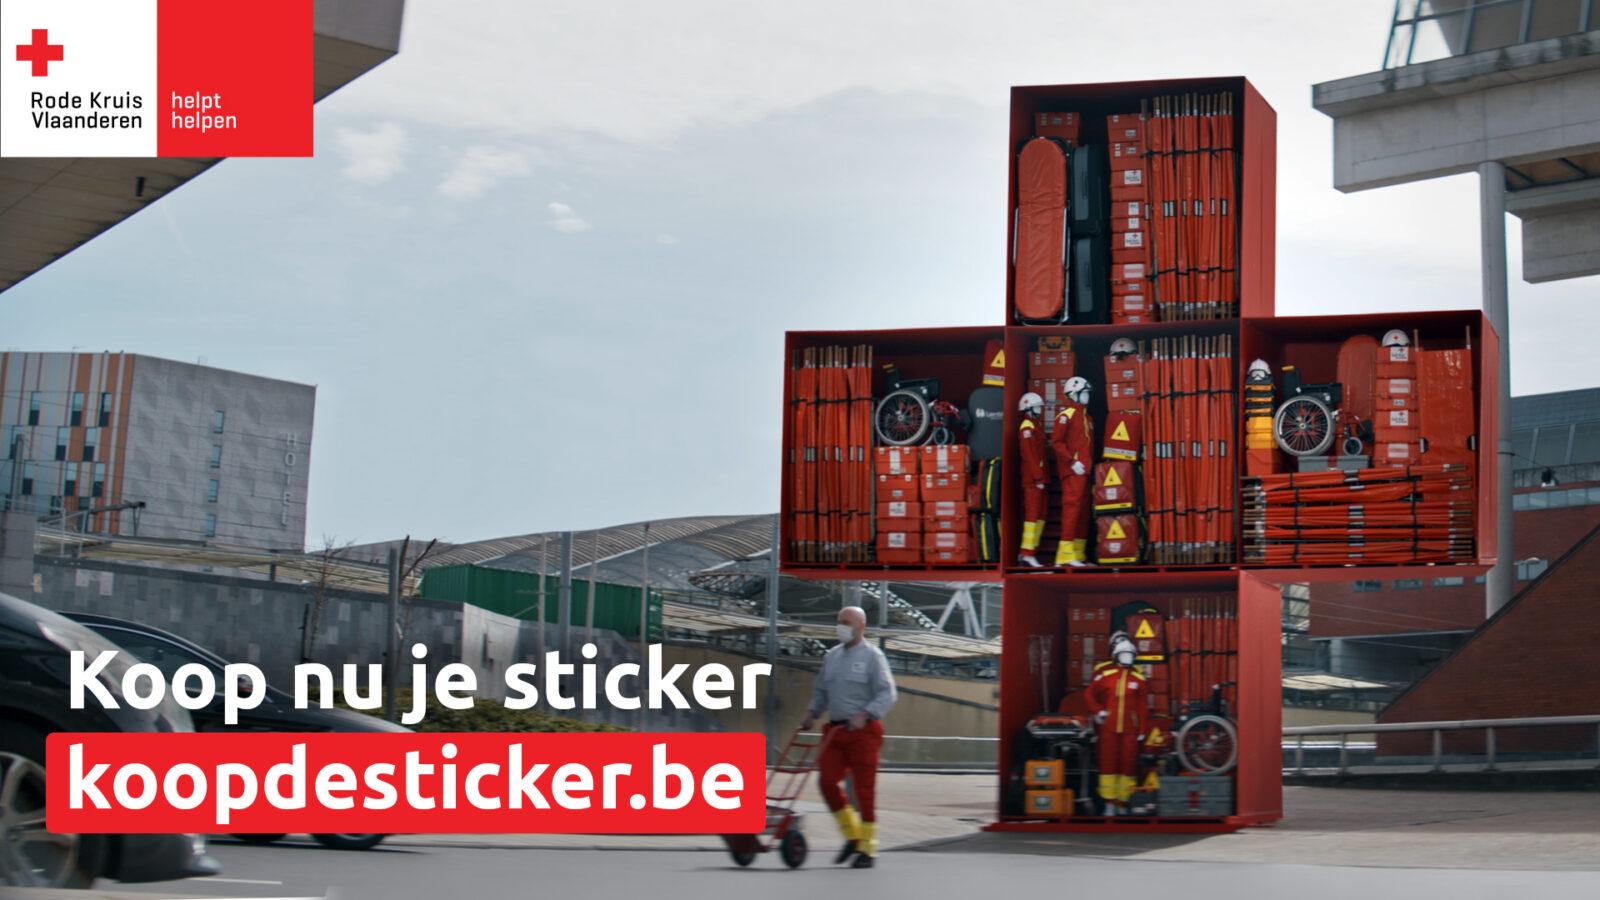 Rode kruis stickeractie